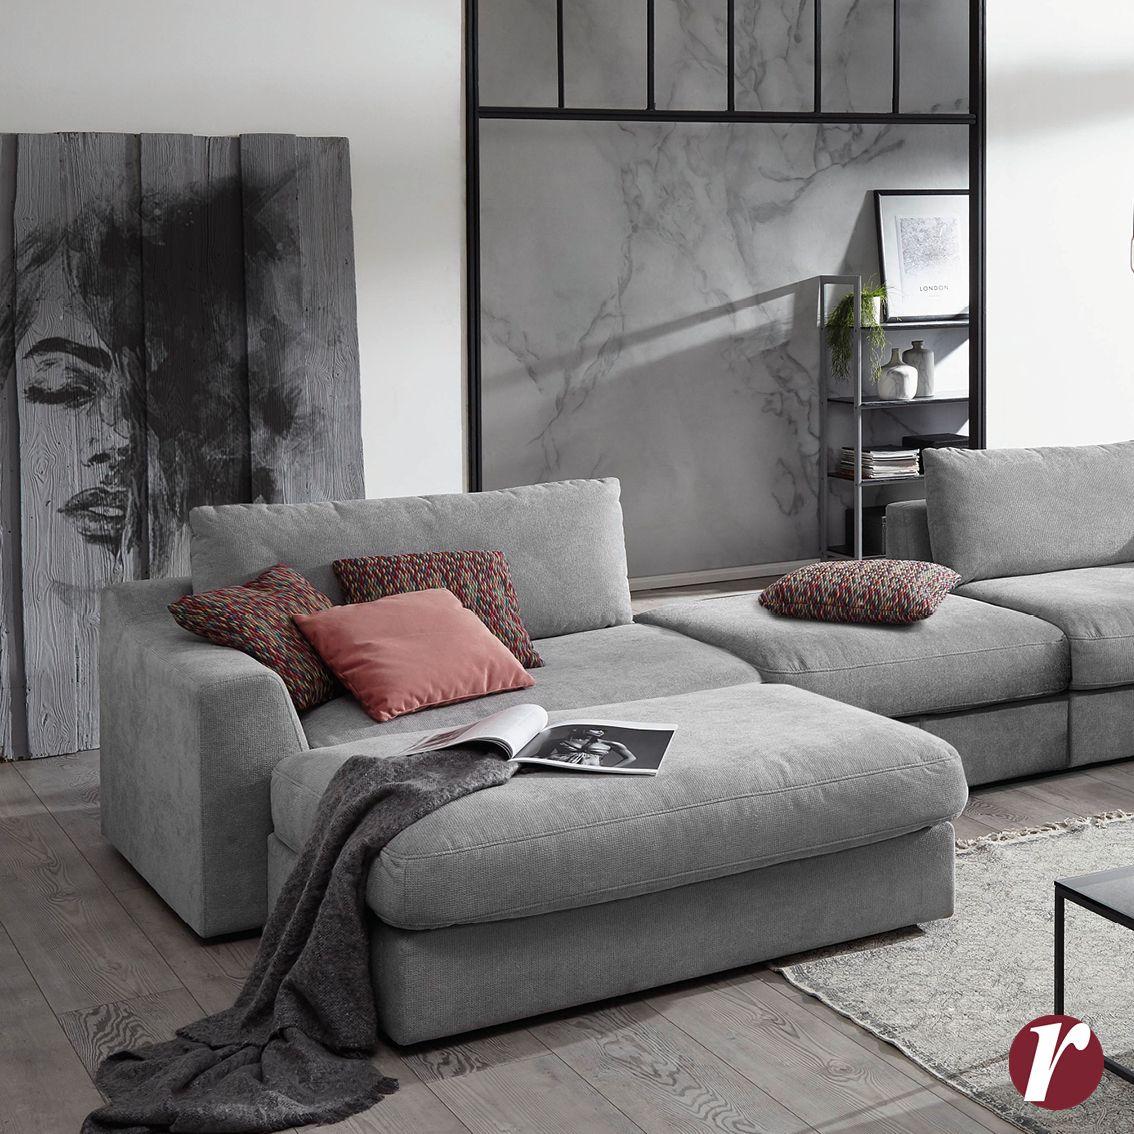 Un soggiorno grintoso con il divano SOAVE dalla linea